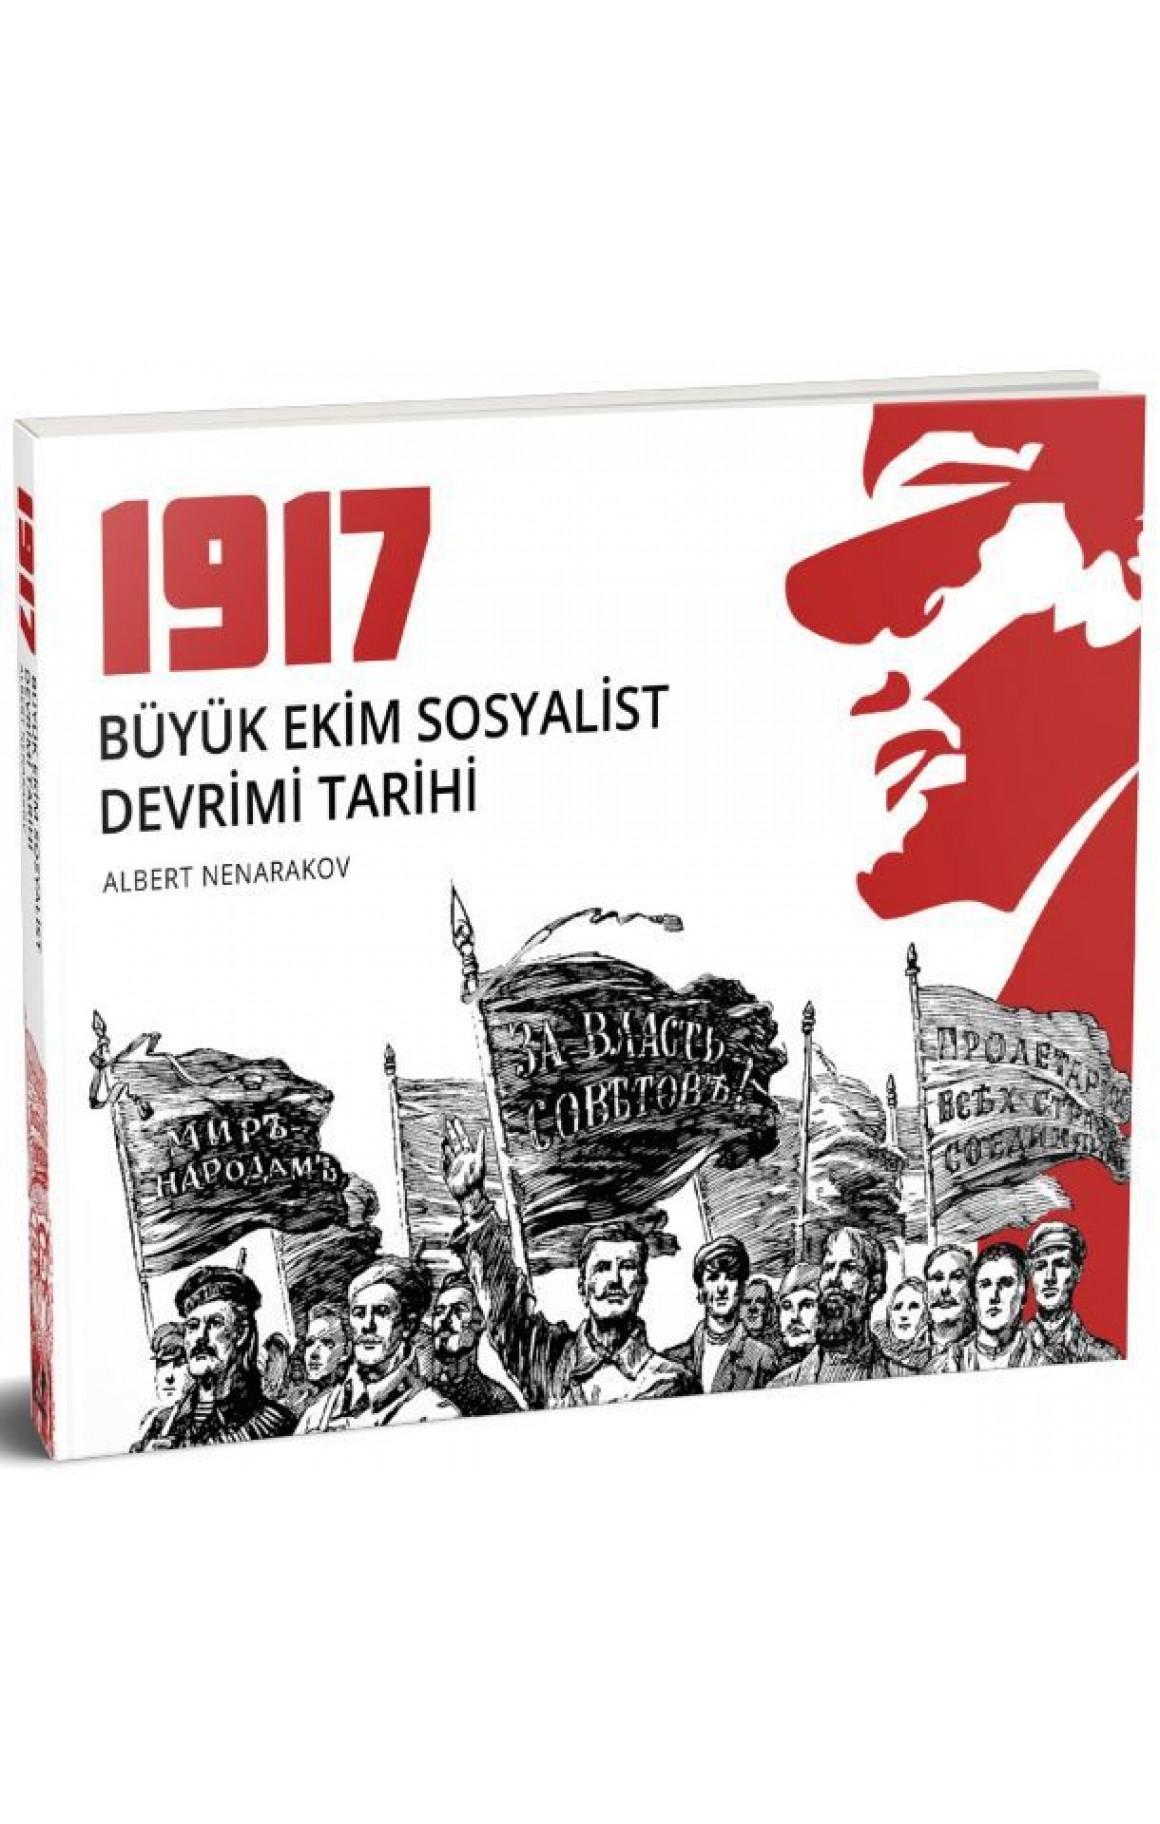 1917-Büyük Ekim Sosyalist Devrimi Tarihi